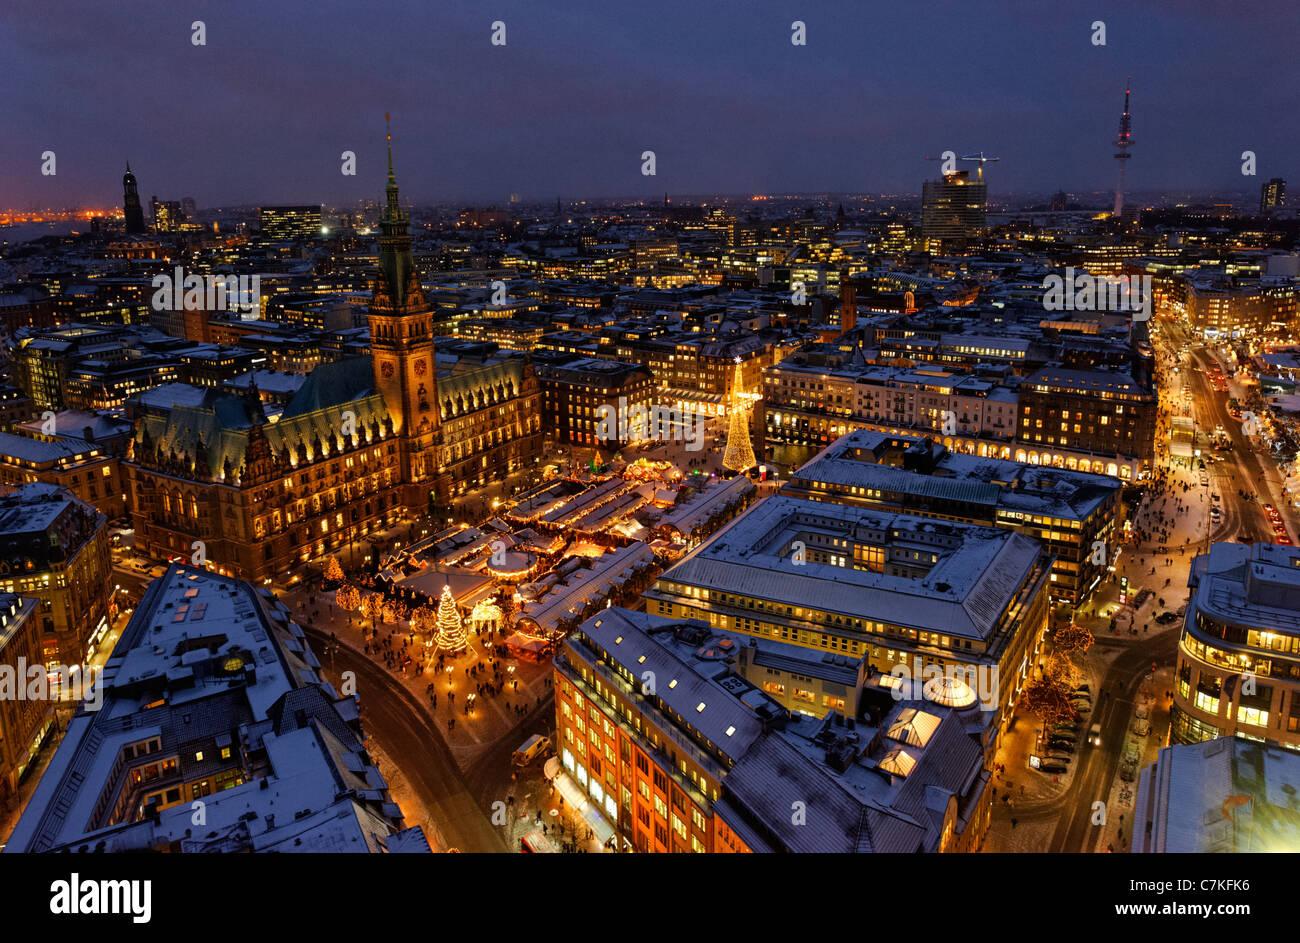 Amburgo tradizionale Mercato di Natale, il Municipio, piazza Rathausmarkt, neve, la città di Amburgo, Germania, Europa Foto Stock